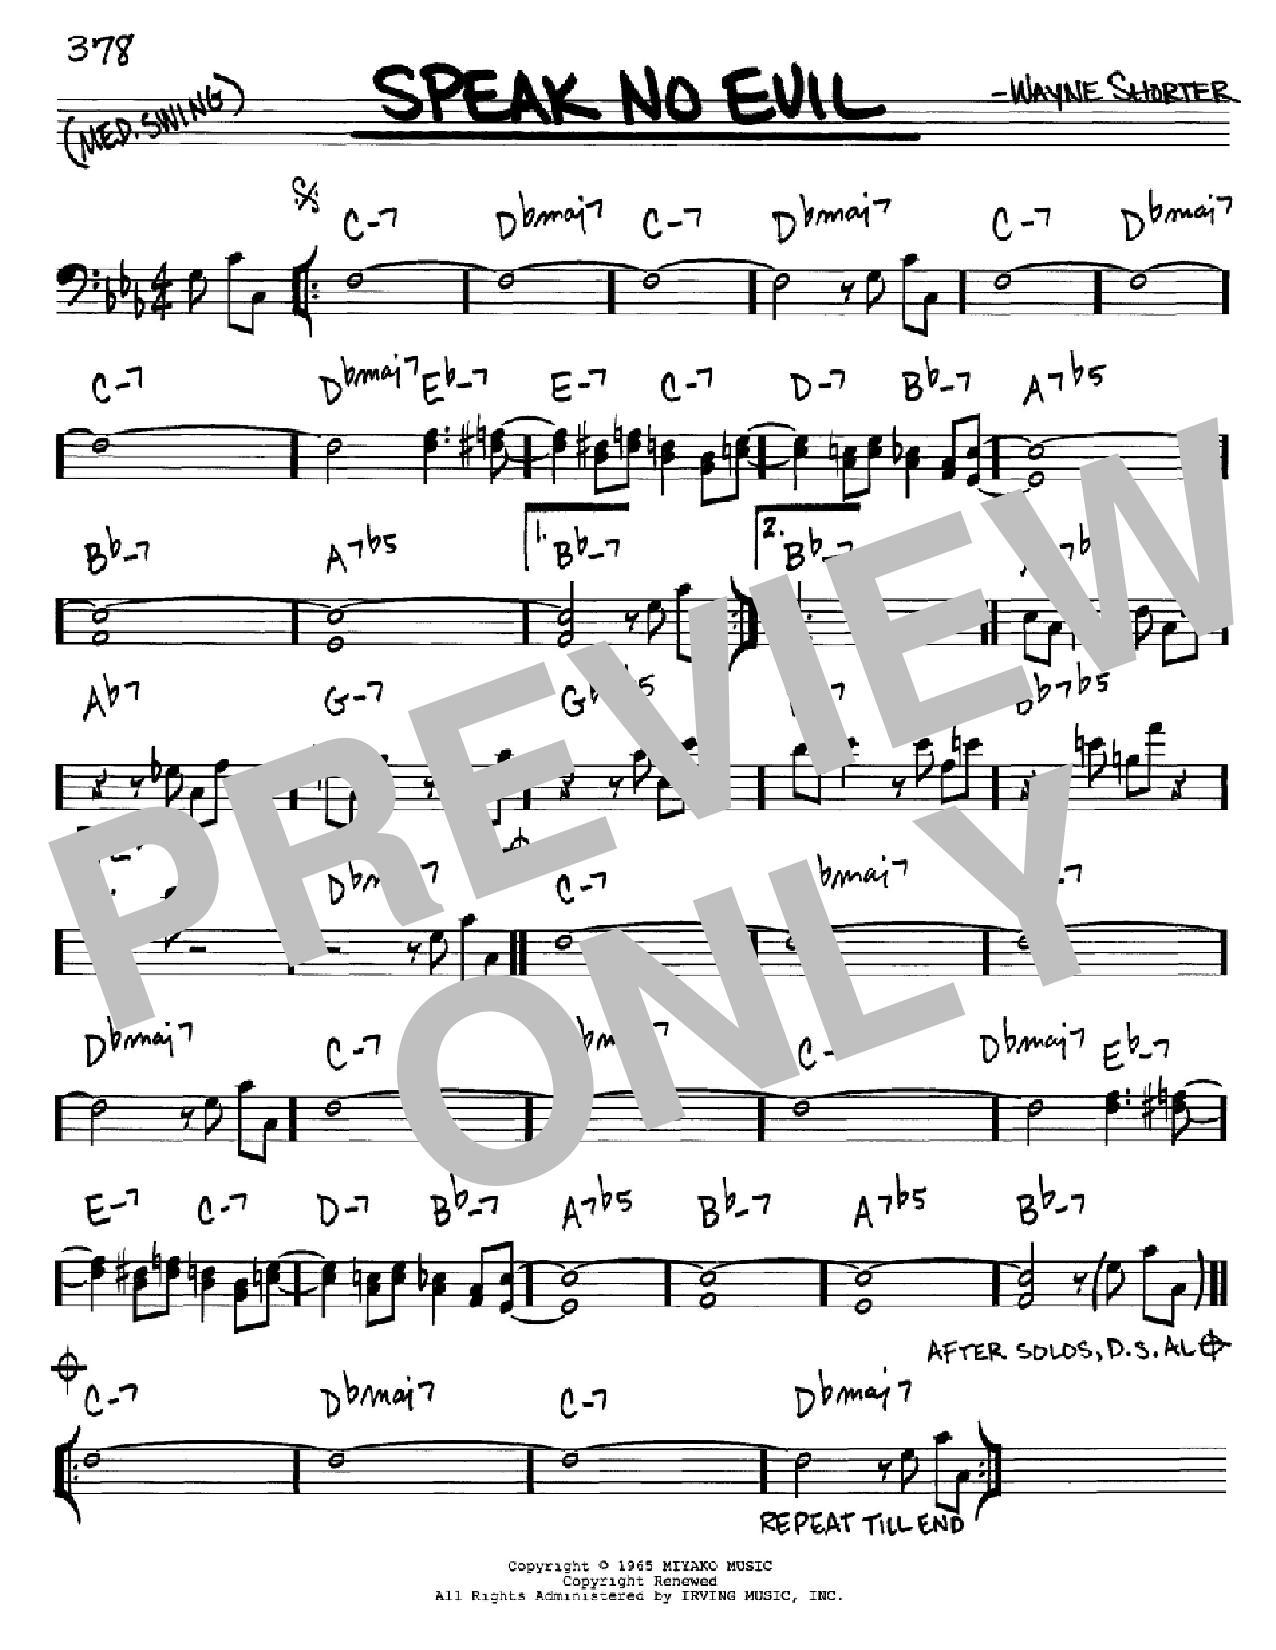 Partition autre Speak No Evil de Wayne Shorter - Real Book, Melodie et Accords, Inst. En cle de Fa